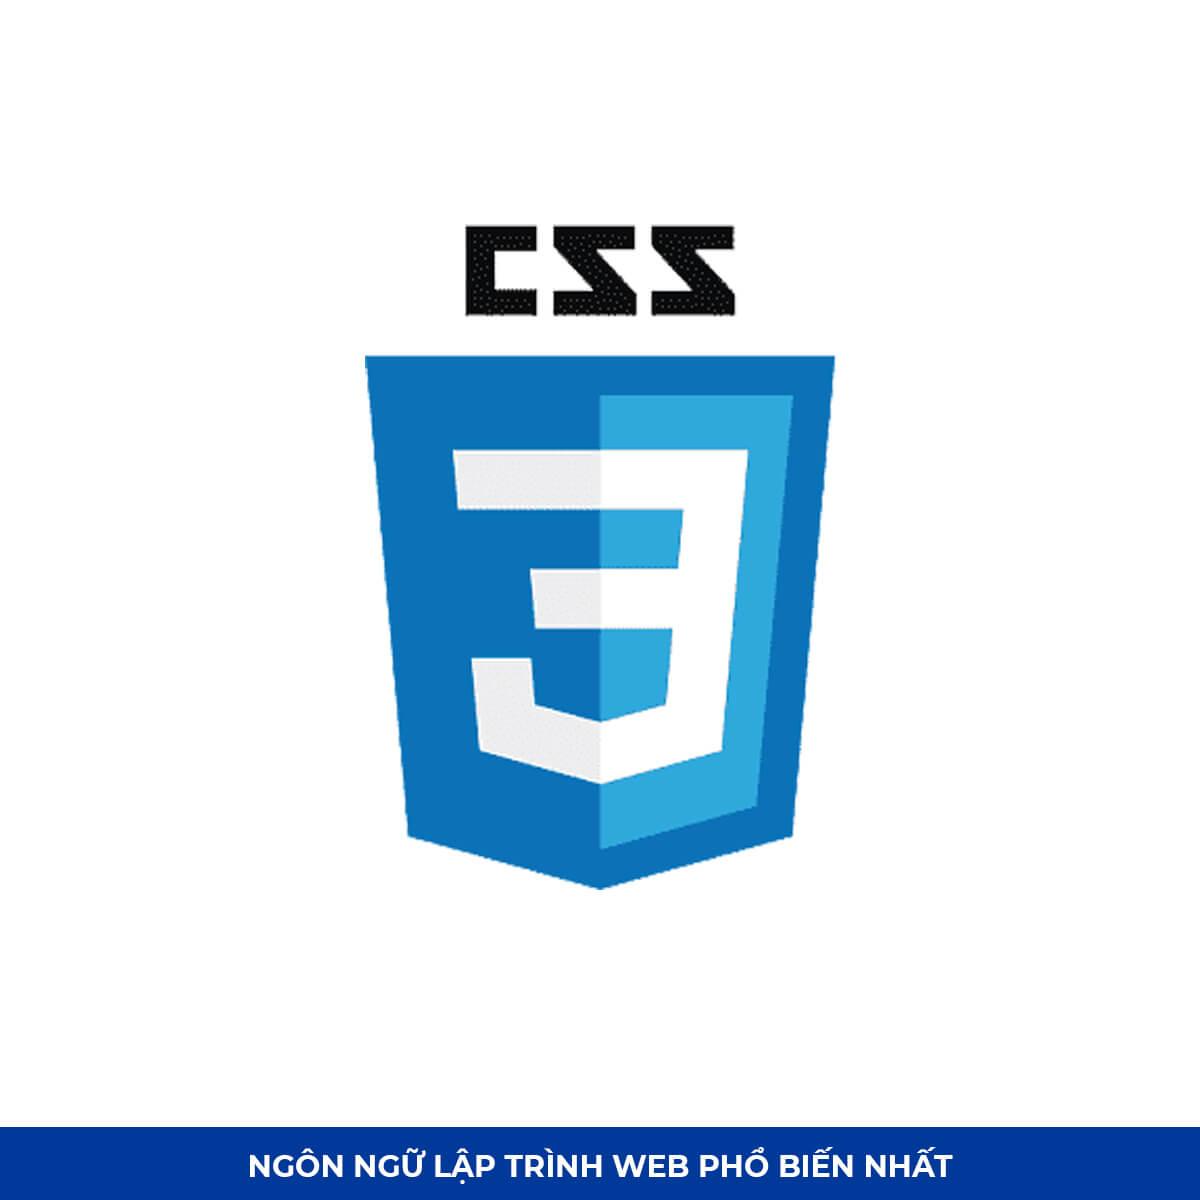 Top Ngôn ngữ lập trình web #10: CSS